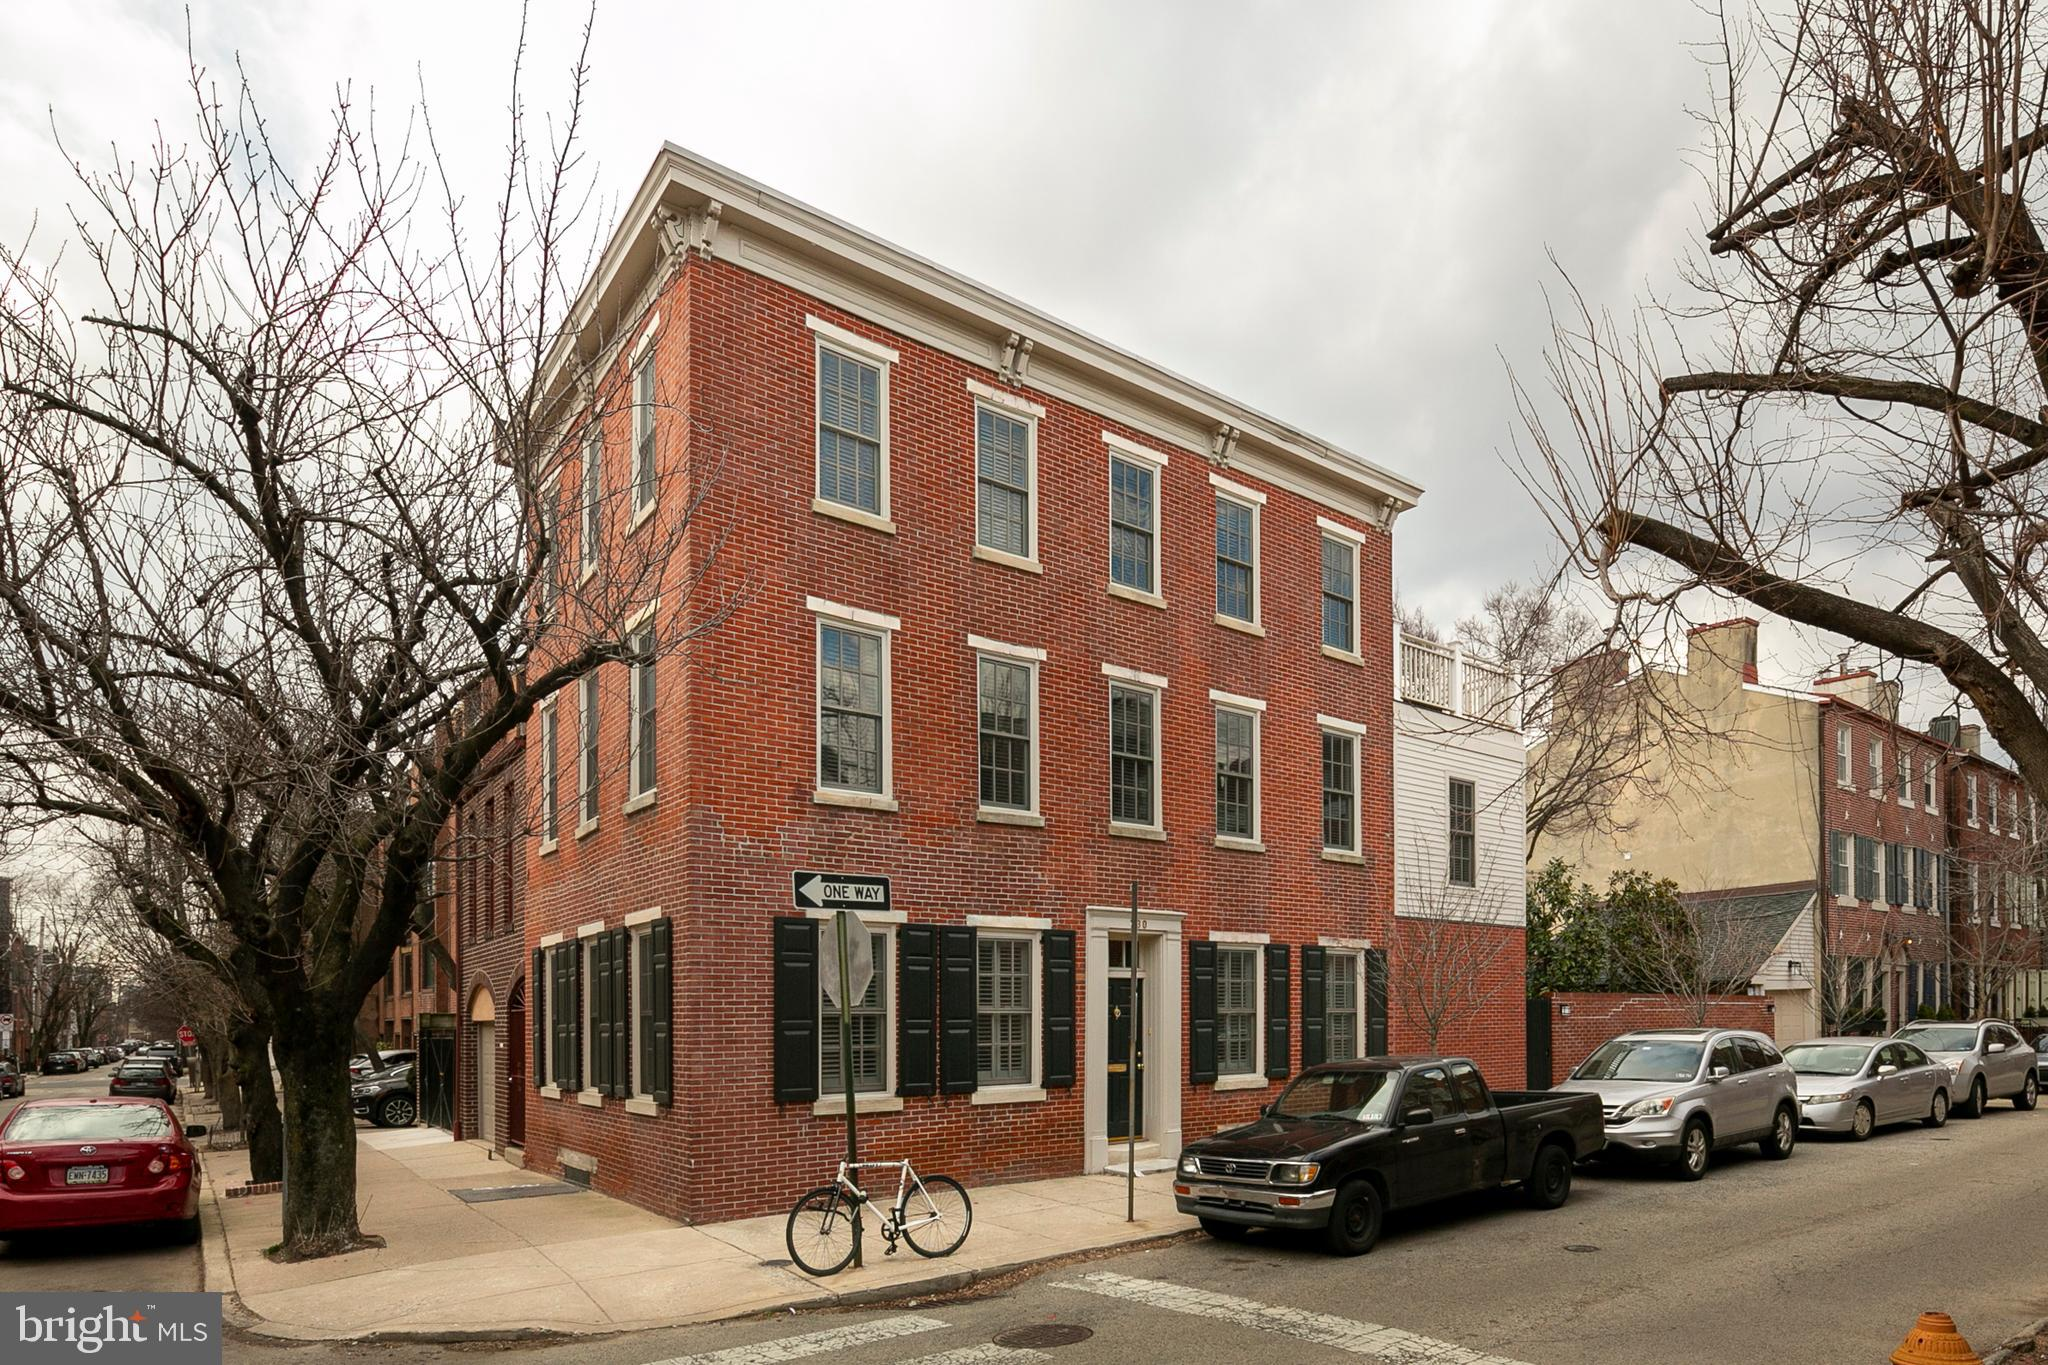 231 Monroe St, Philadelphia, PA, 19147